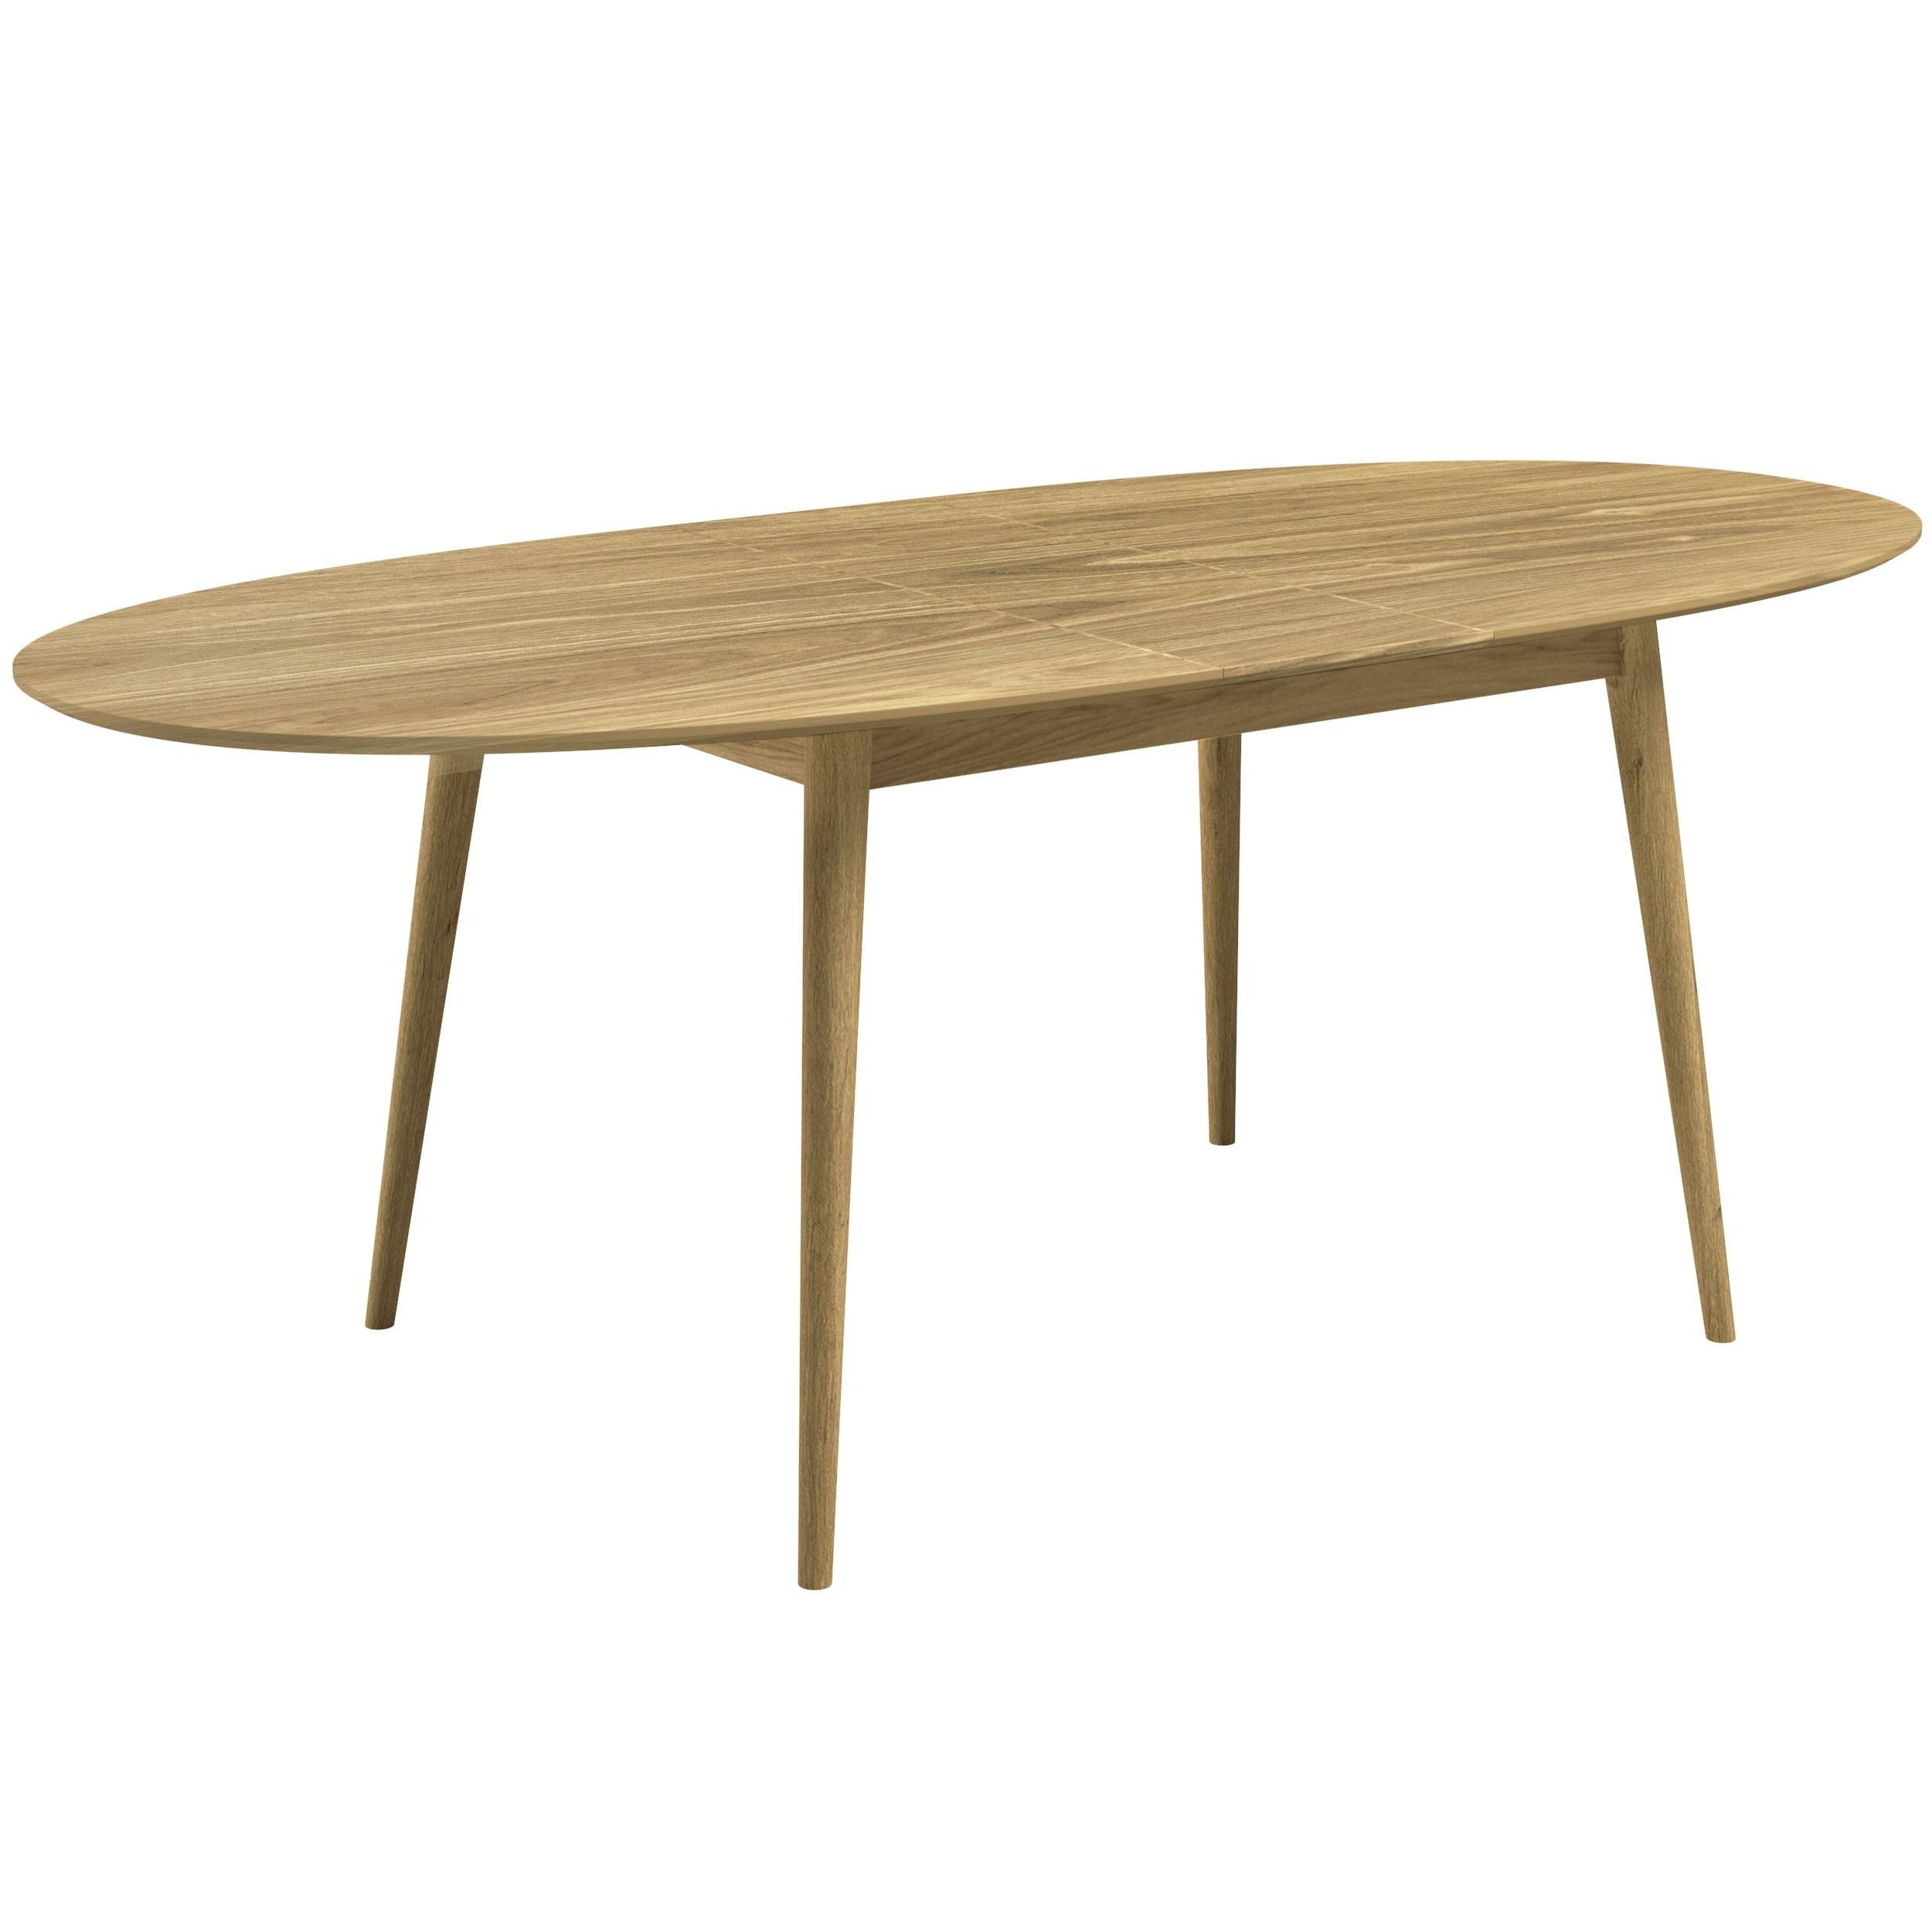 acheter table en bois 170 200 cm